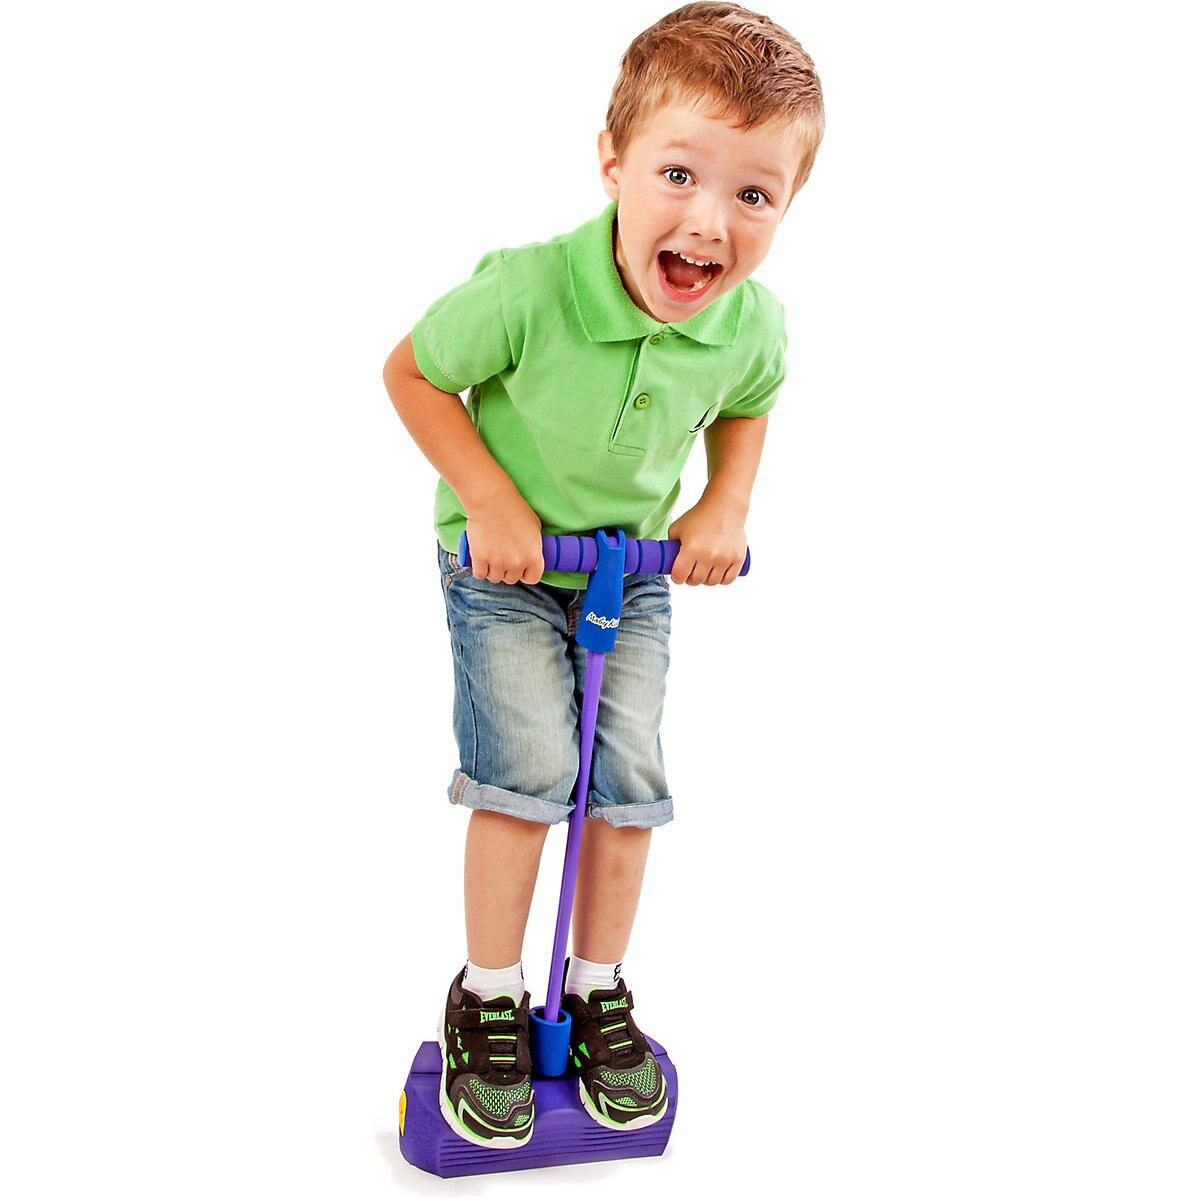 MOBY enfants bébé activité gymnastique 6844287 bambin jouets exercice machine pour sauter pour les filles et les garçons MTpromo - 2